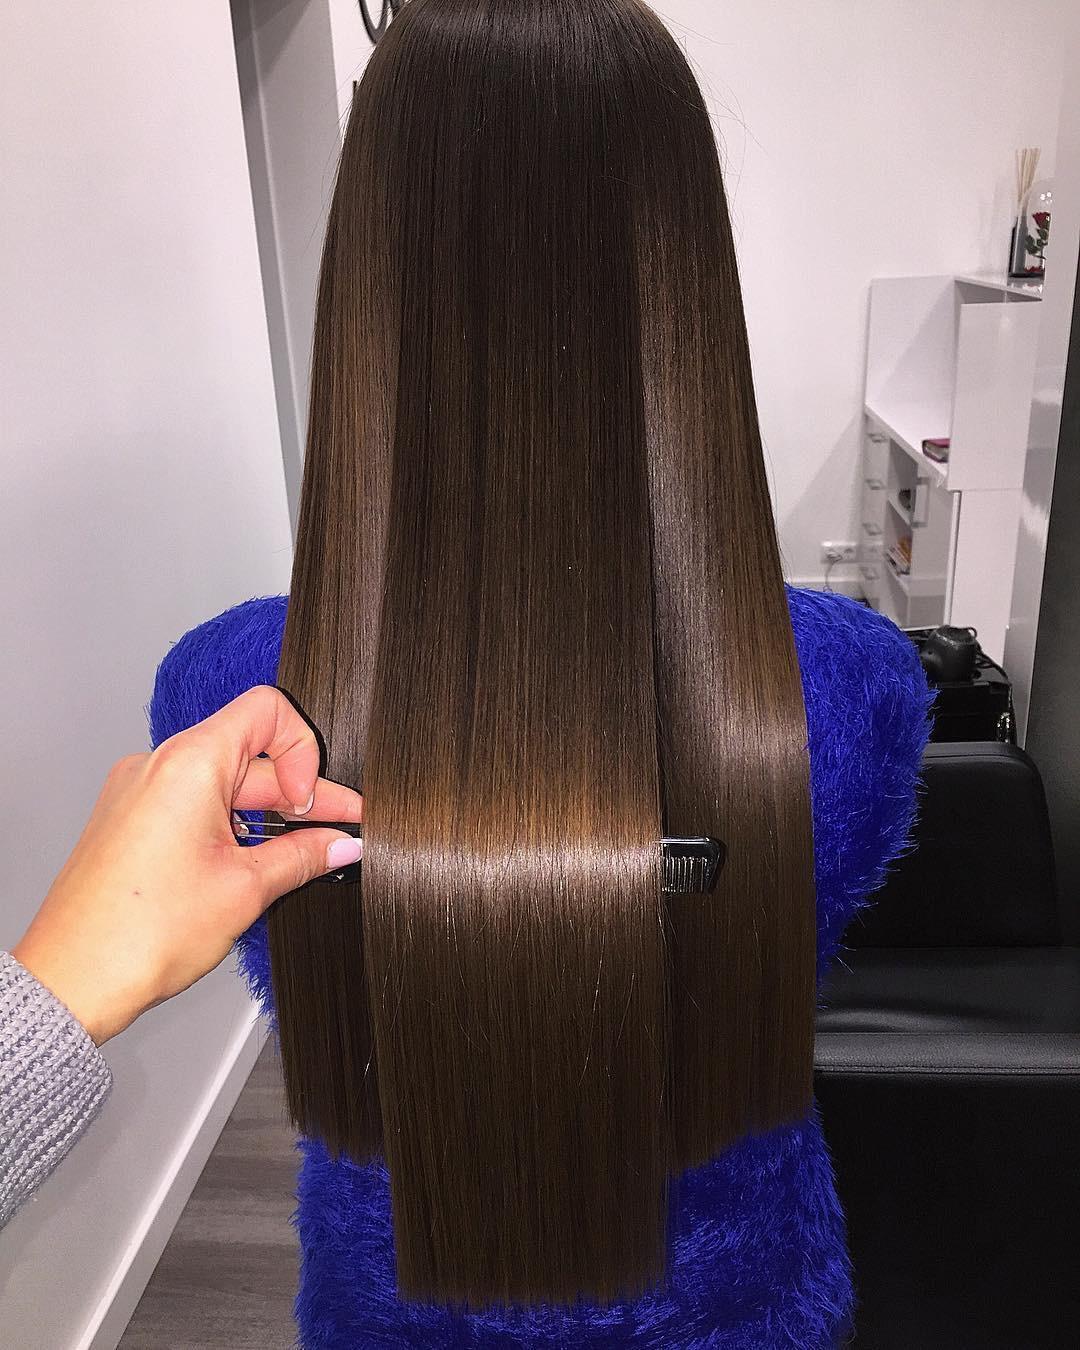 Срочно! На сегодня нужны девушки с длинными волосами, для стрижки!!! 400.000 рублей на руки!!!